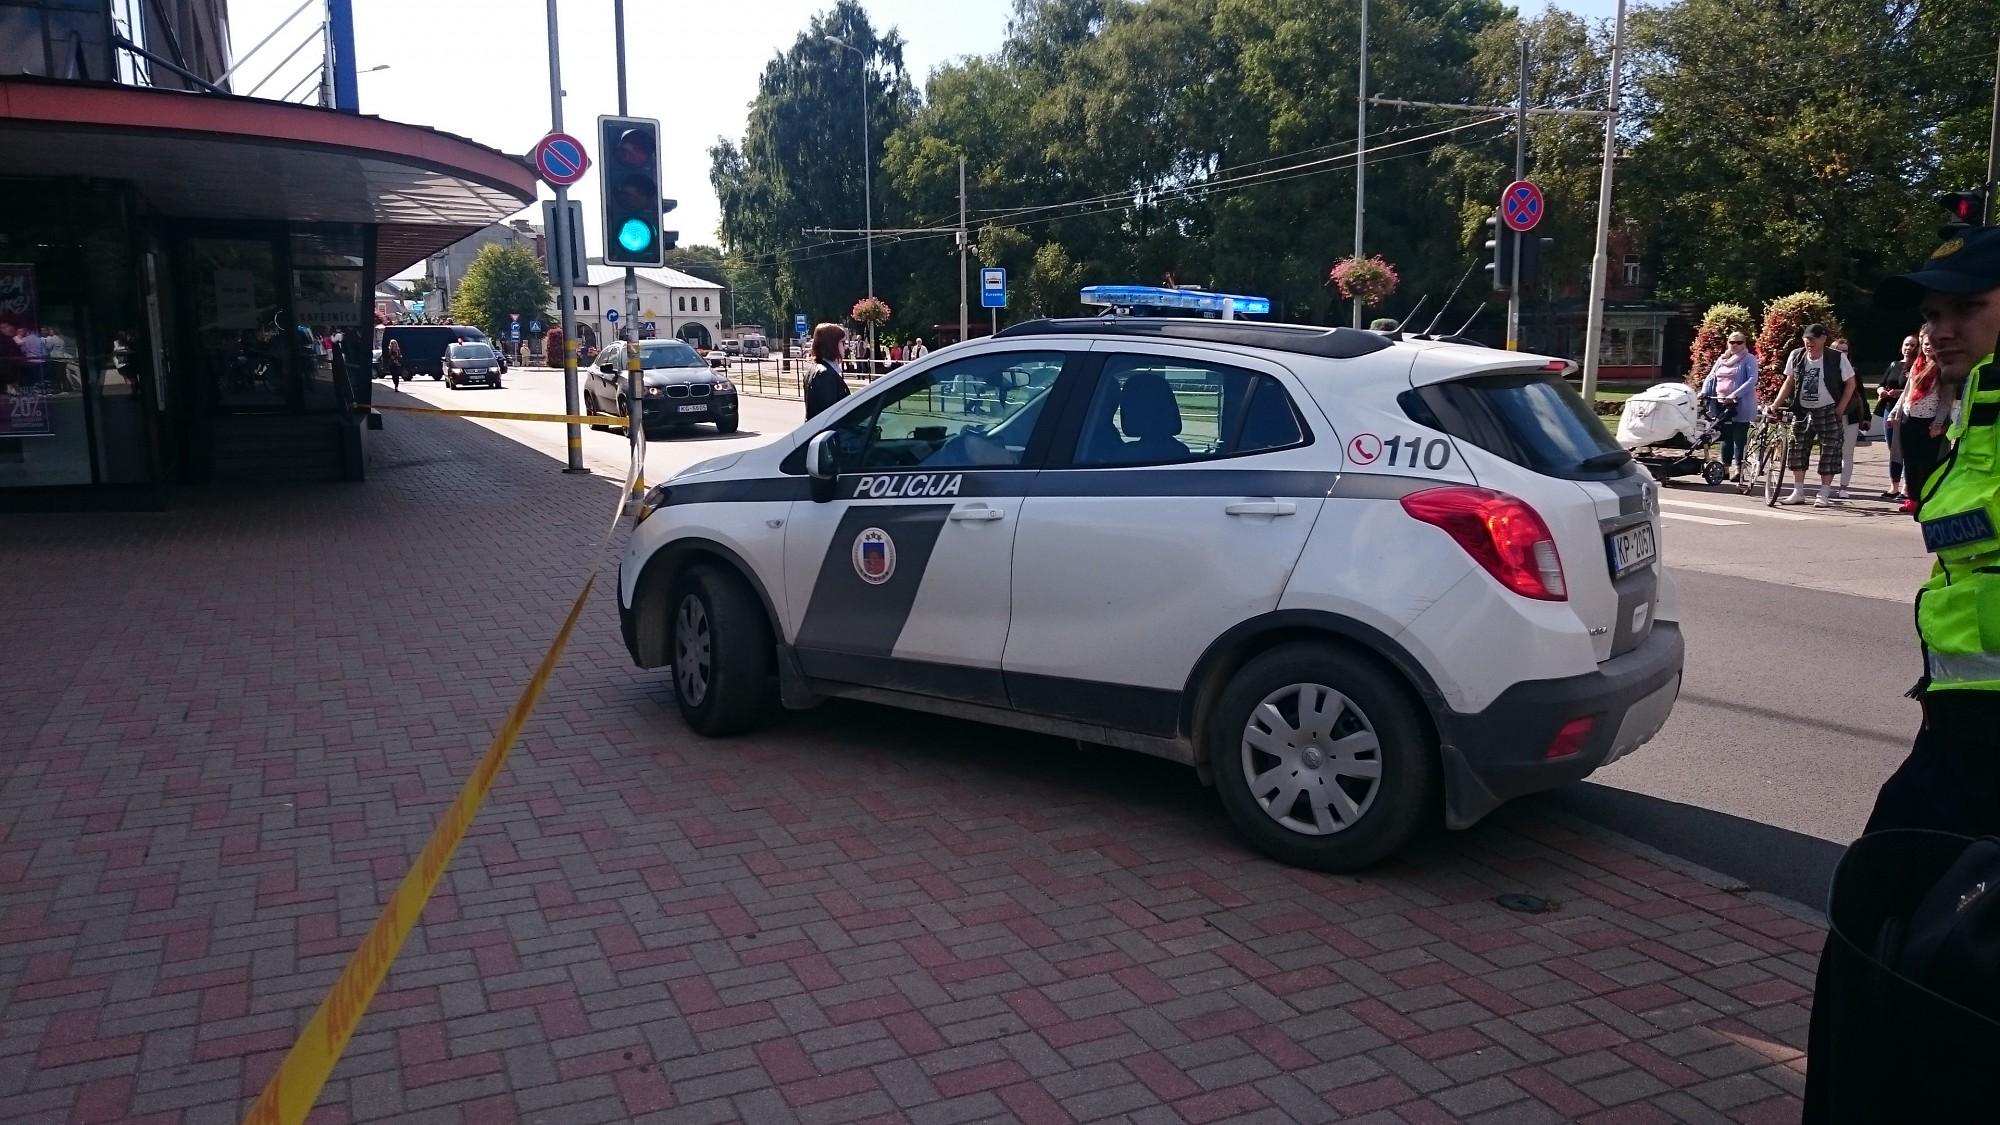 """Papildināts – Tirdzniecības centrs """"Kurzeme"""" atsācis darbu; apdraudējums netika konstatēts"""